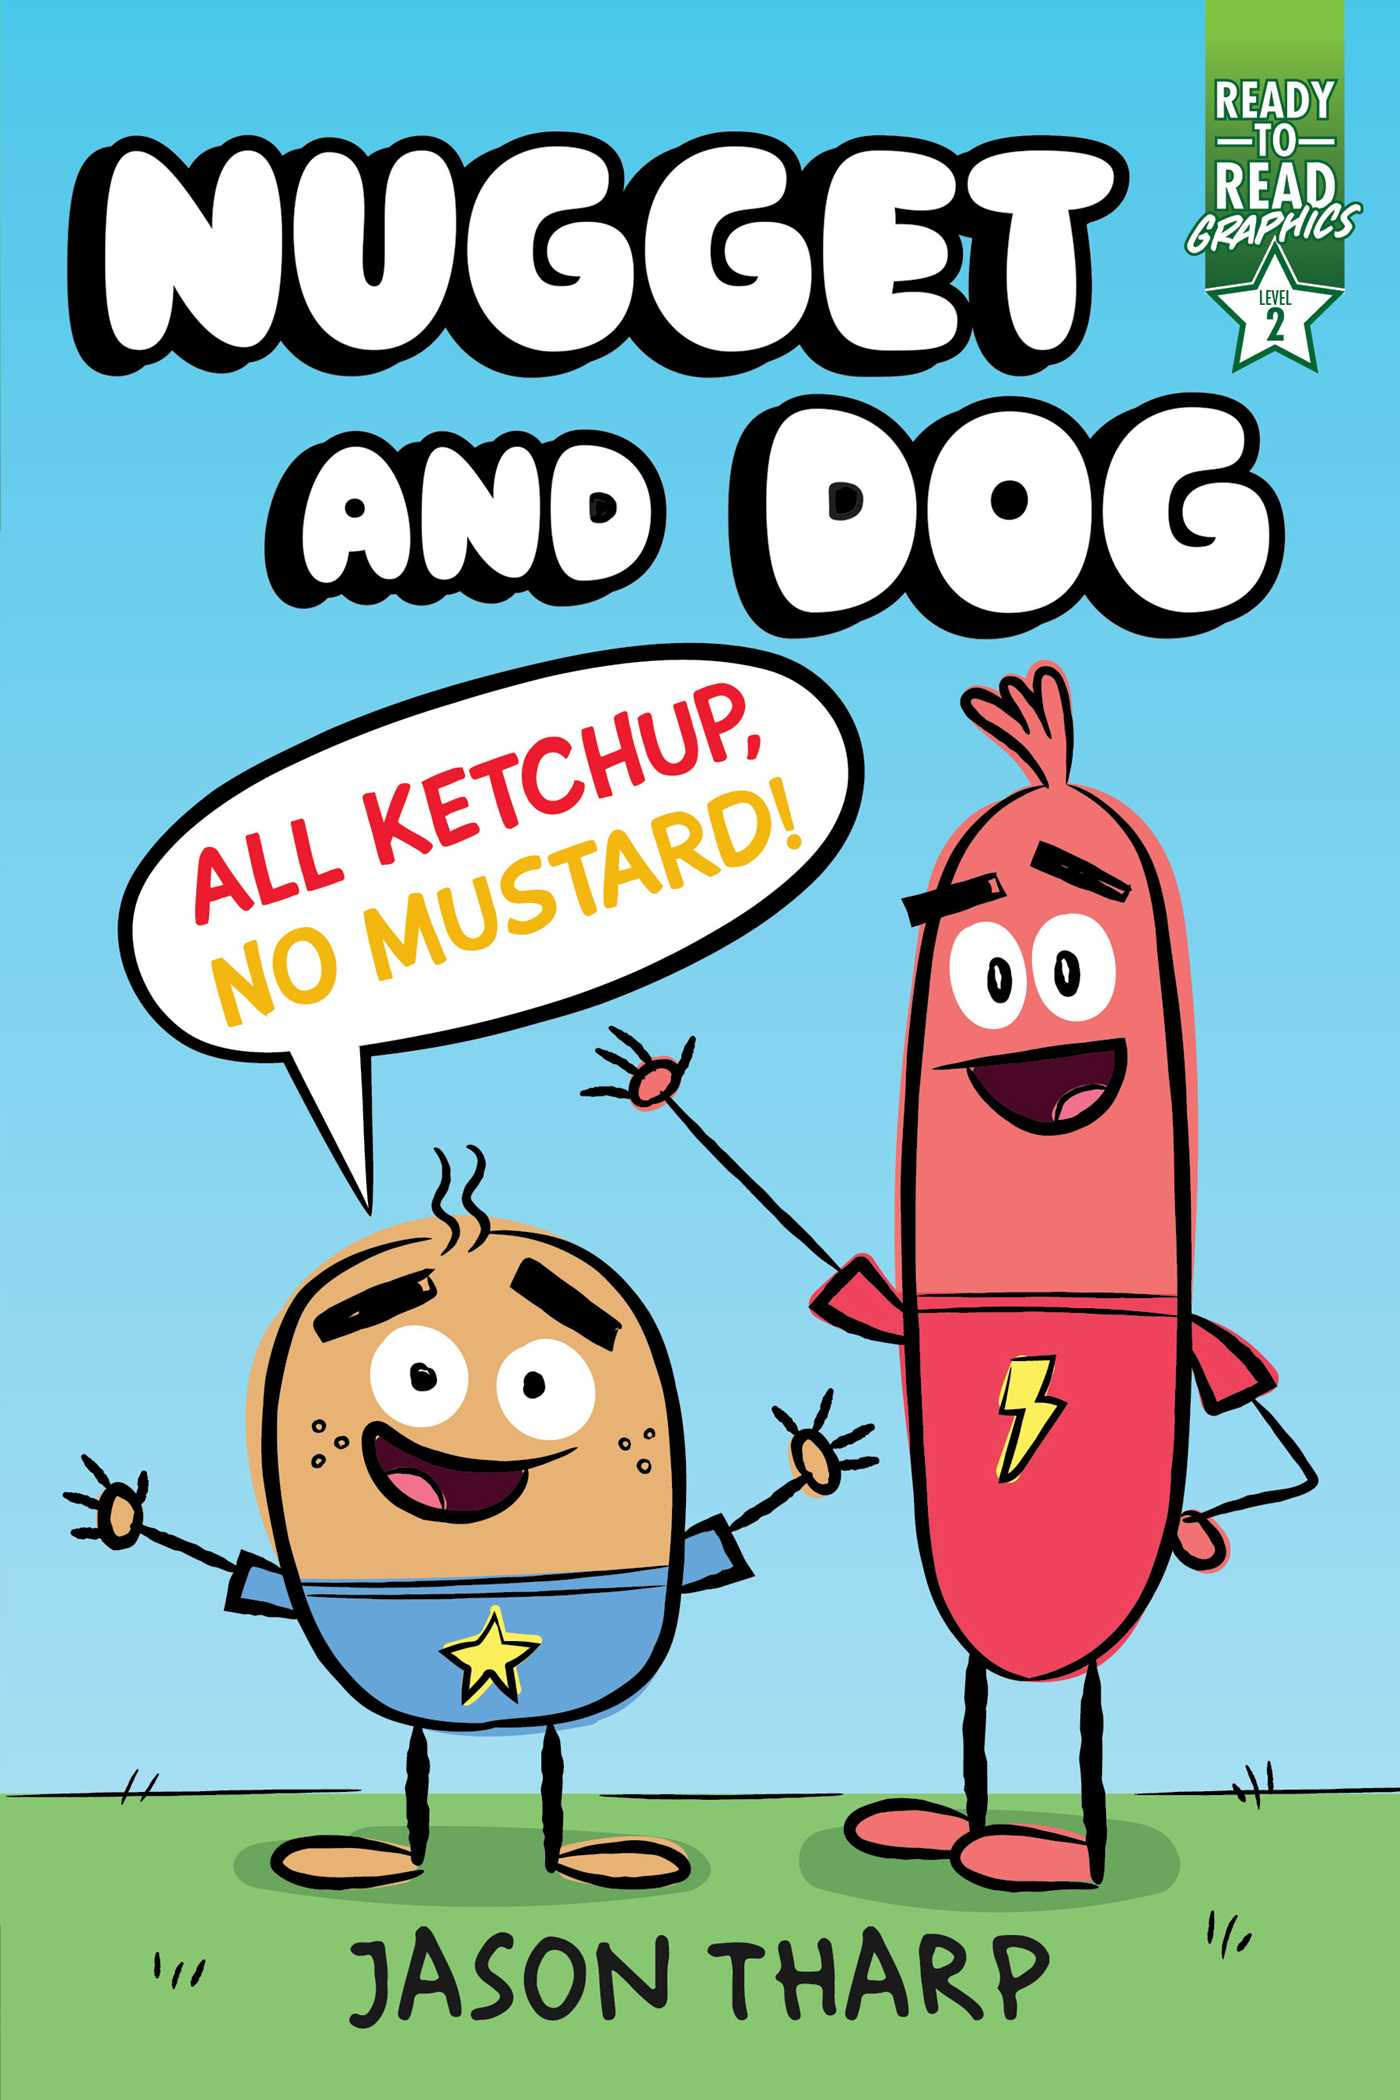 All Ketchup, No Mustard! by Jason Tharp